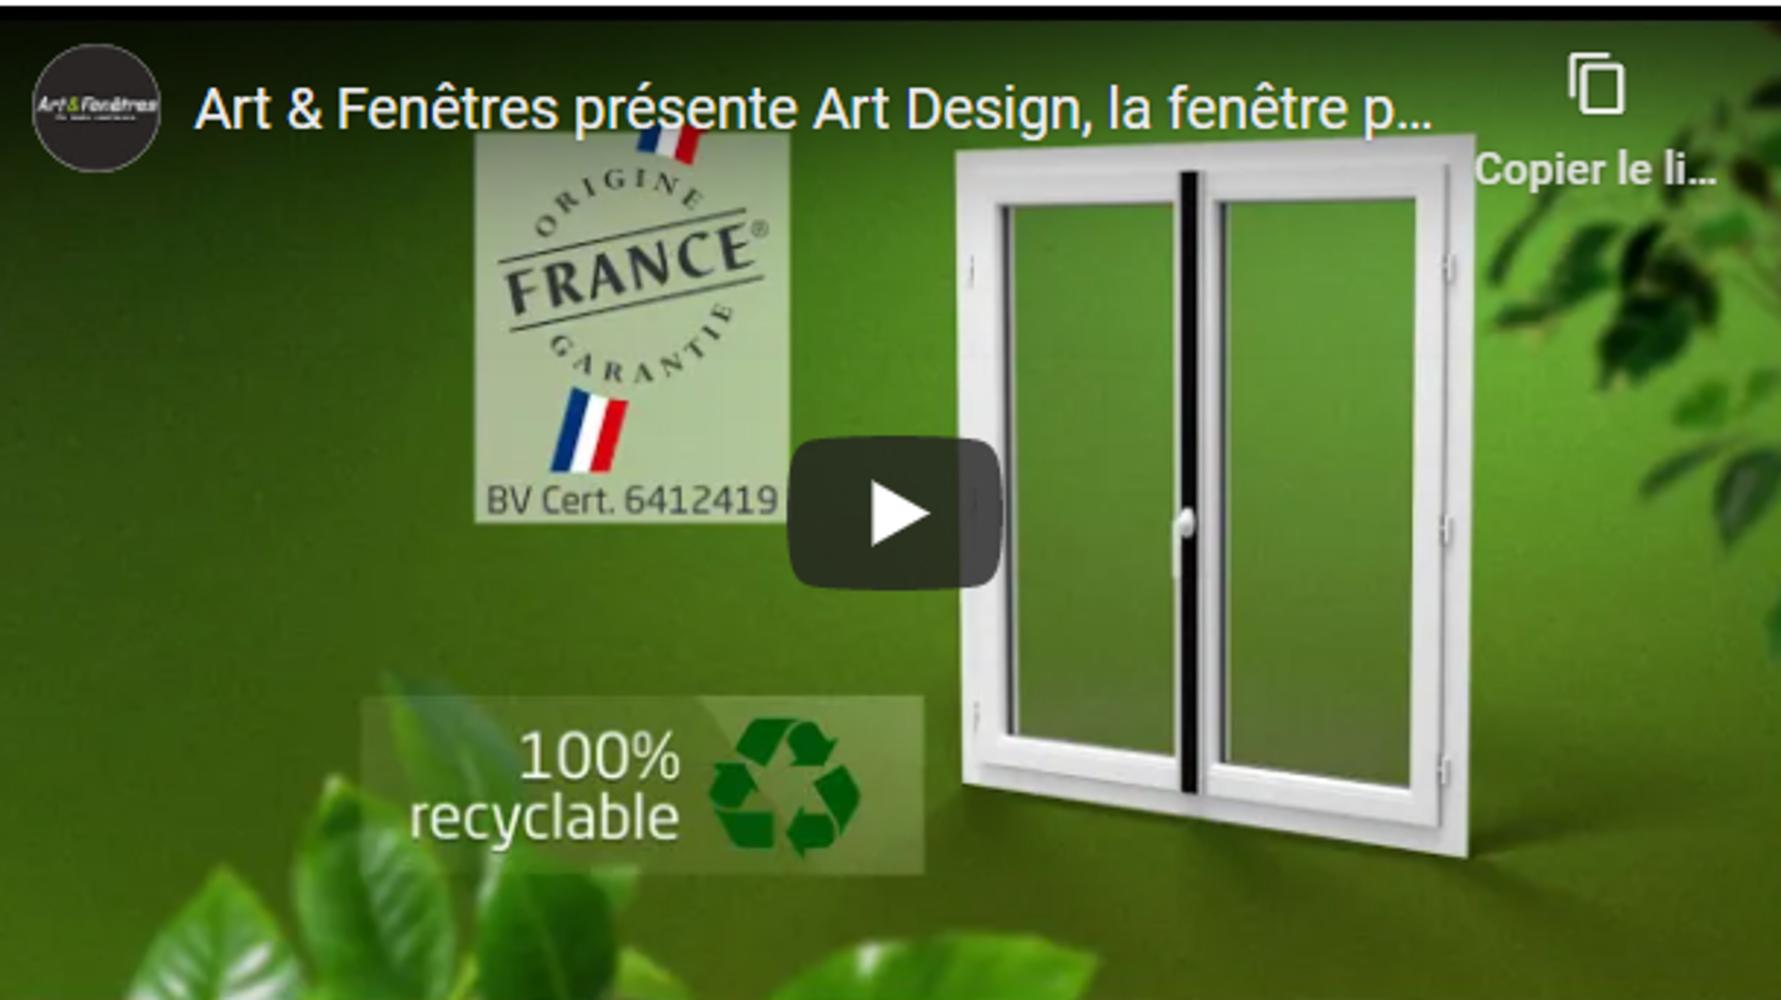 Chez Habitalia : LA FENÊTRE 100% RECYCLABLE de Art & Fenêtres 0